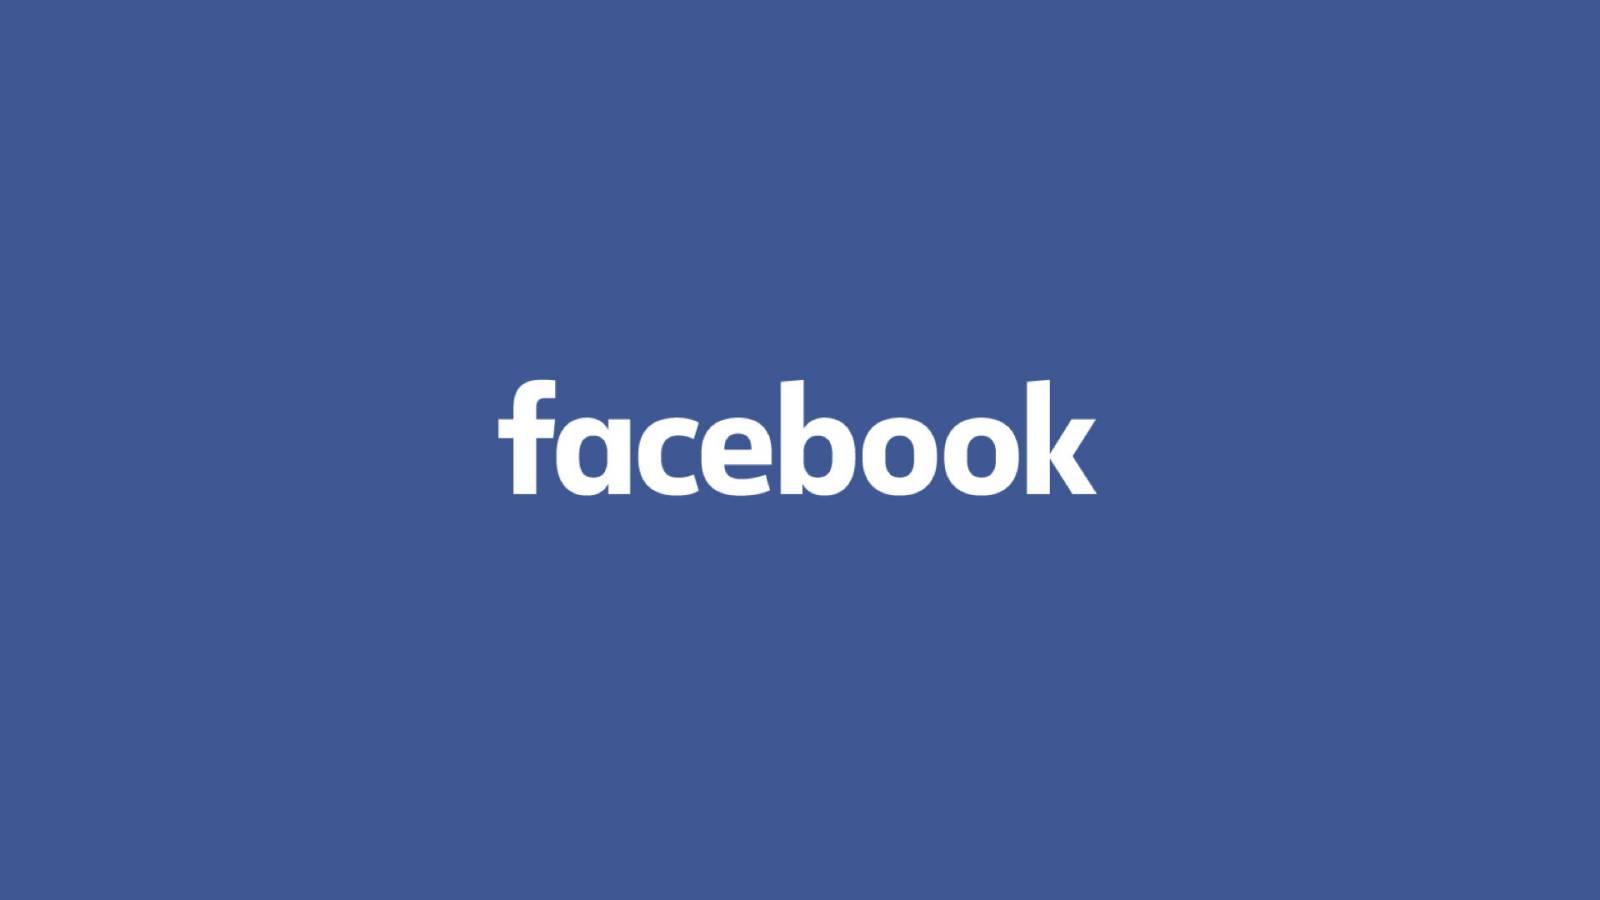 Facebook Actualizat aplicatia telefoane tablete